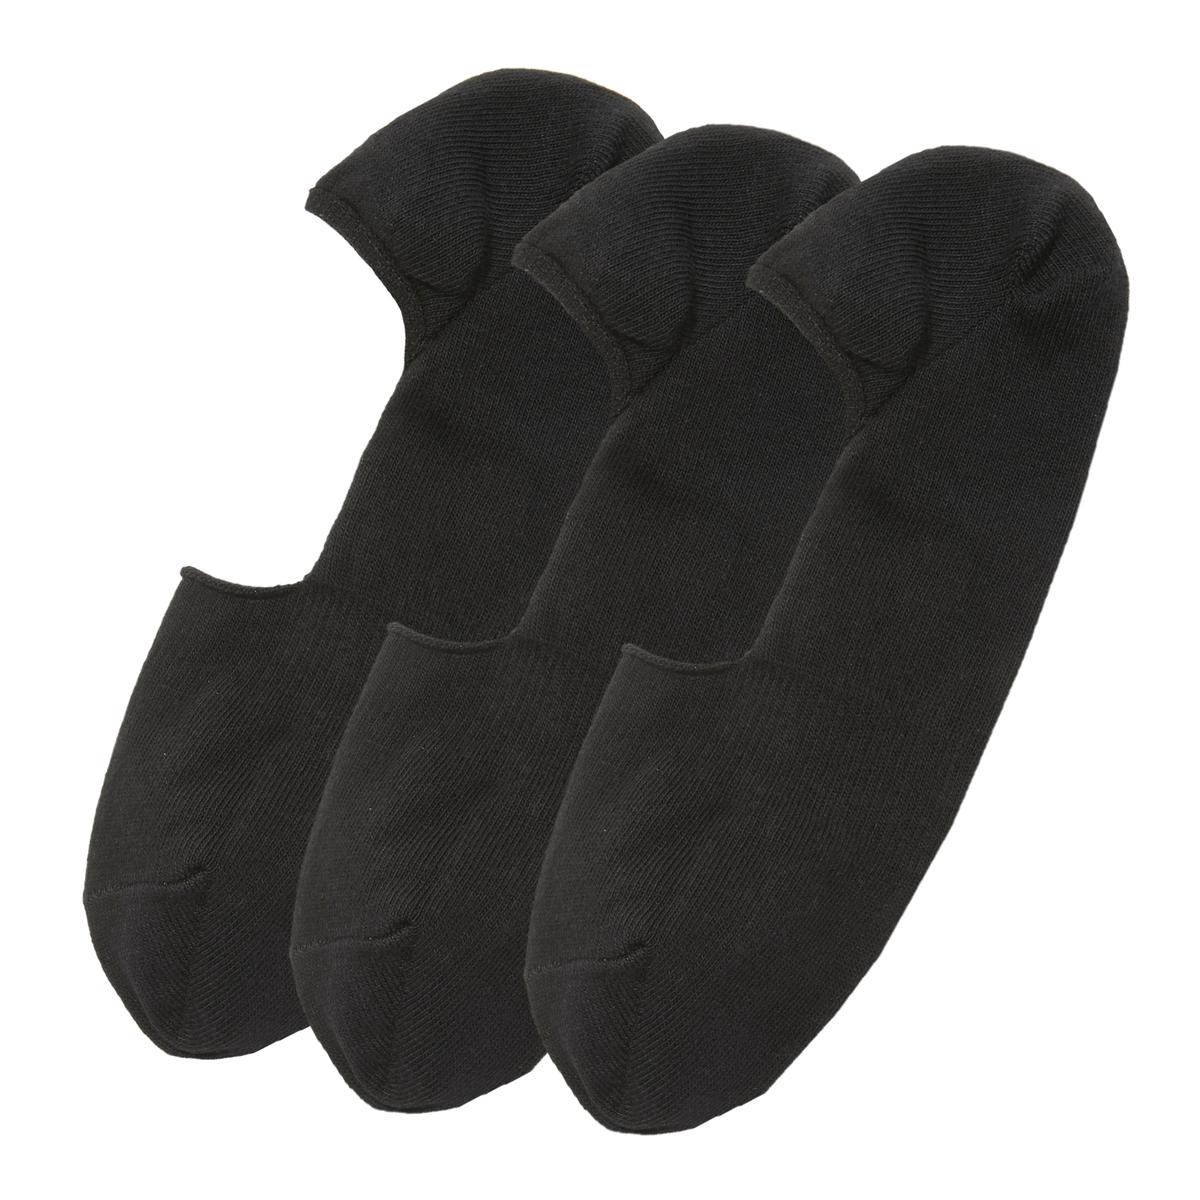 Calcetines cortos invisibles (lote de 3 pares)